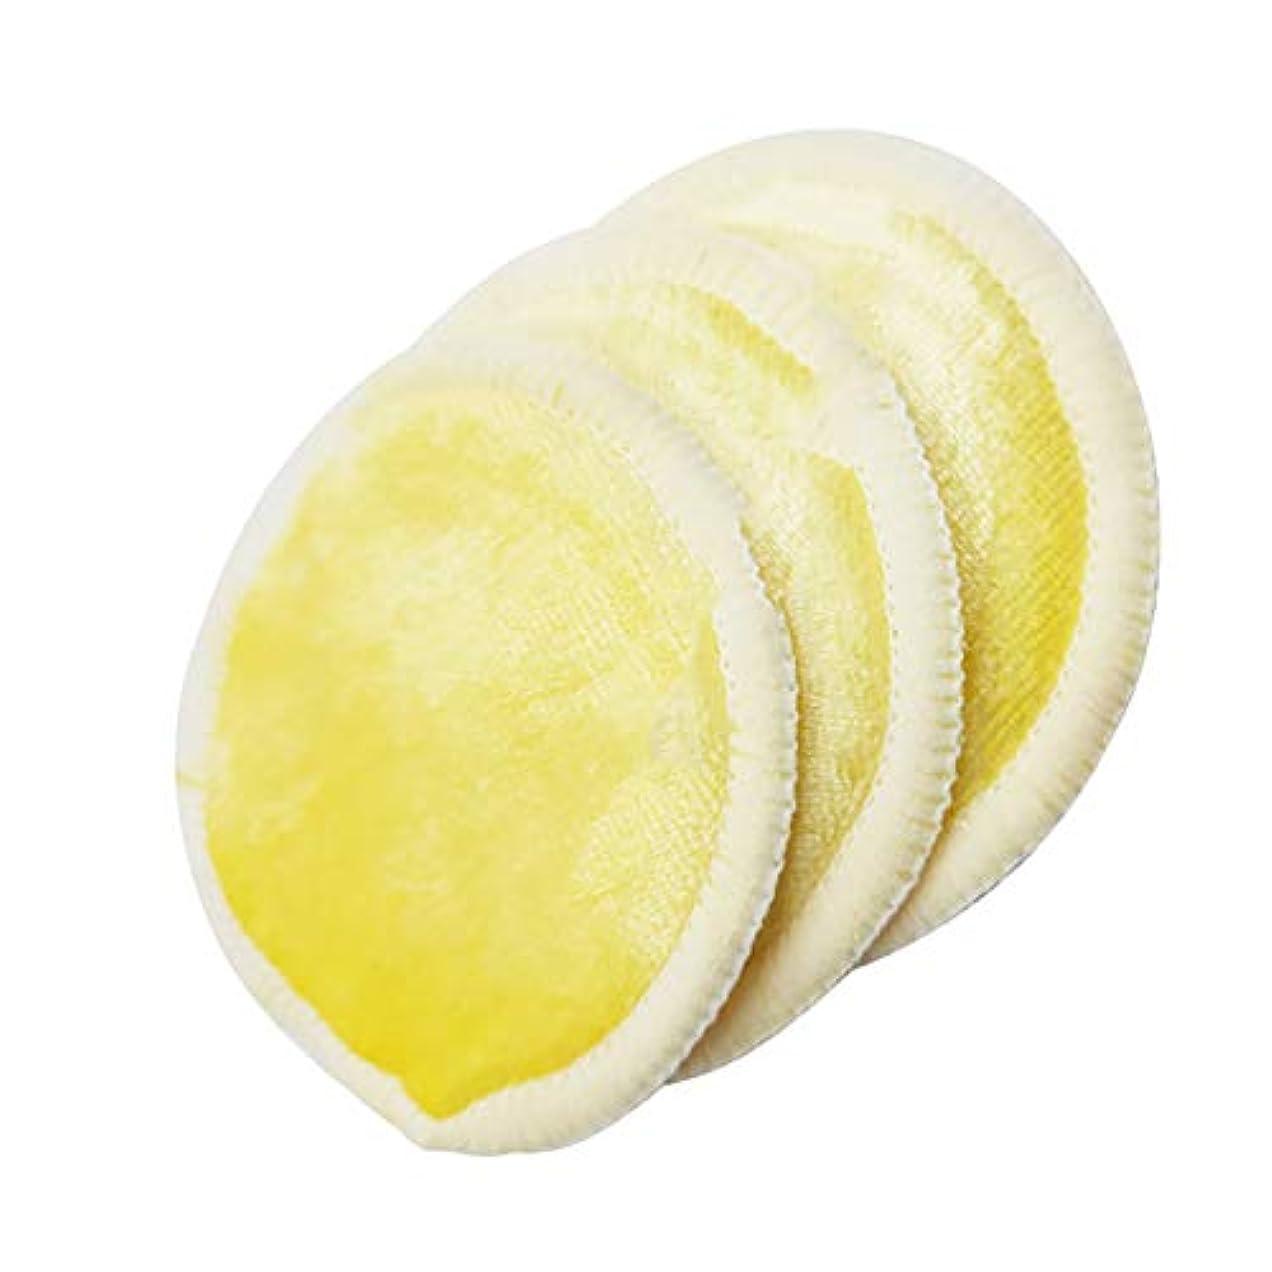 伸ばす広告主連結する竹繊維の綿を洗い流し、綿の再利用可能なスーパーソフト肌3セット(黄色)